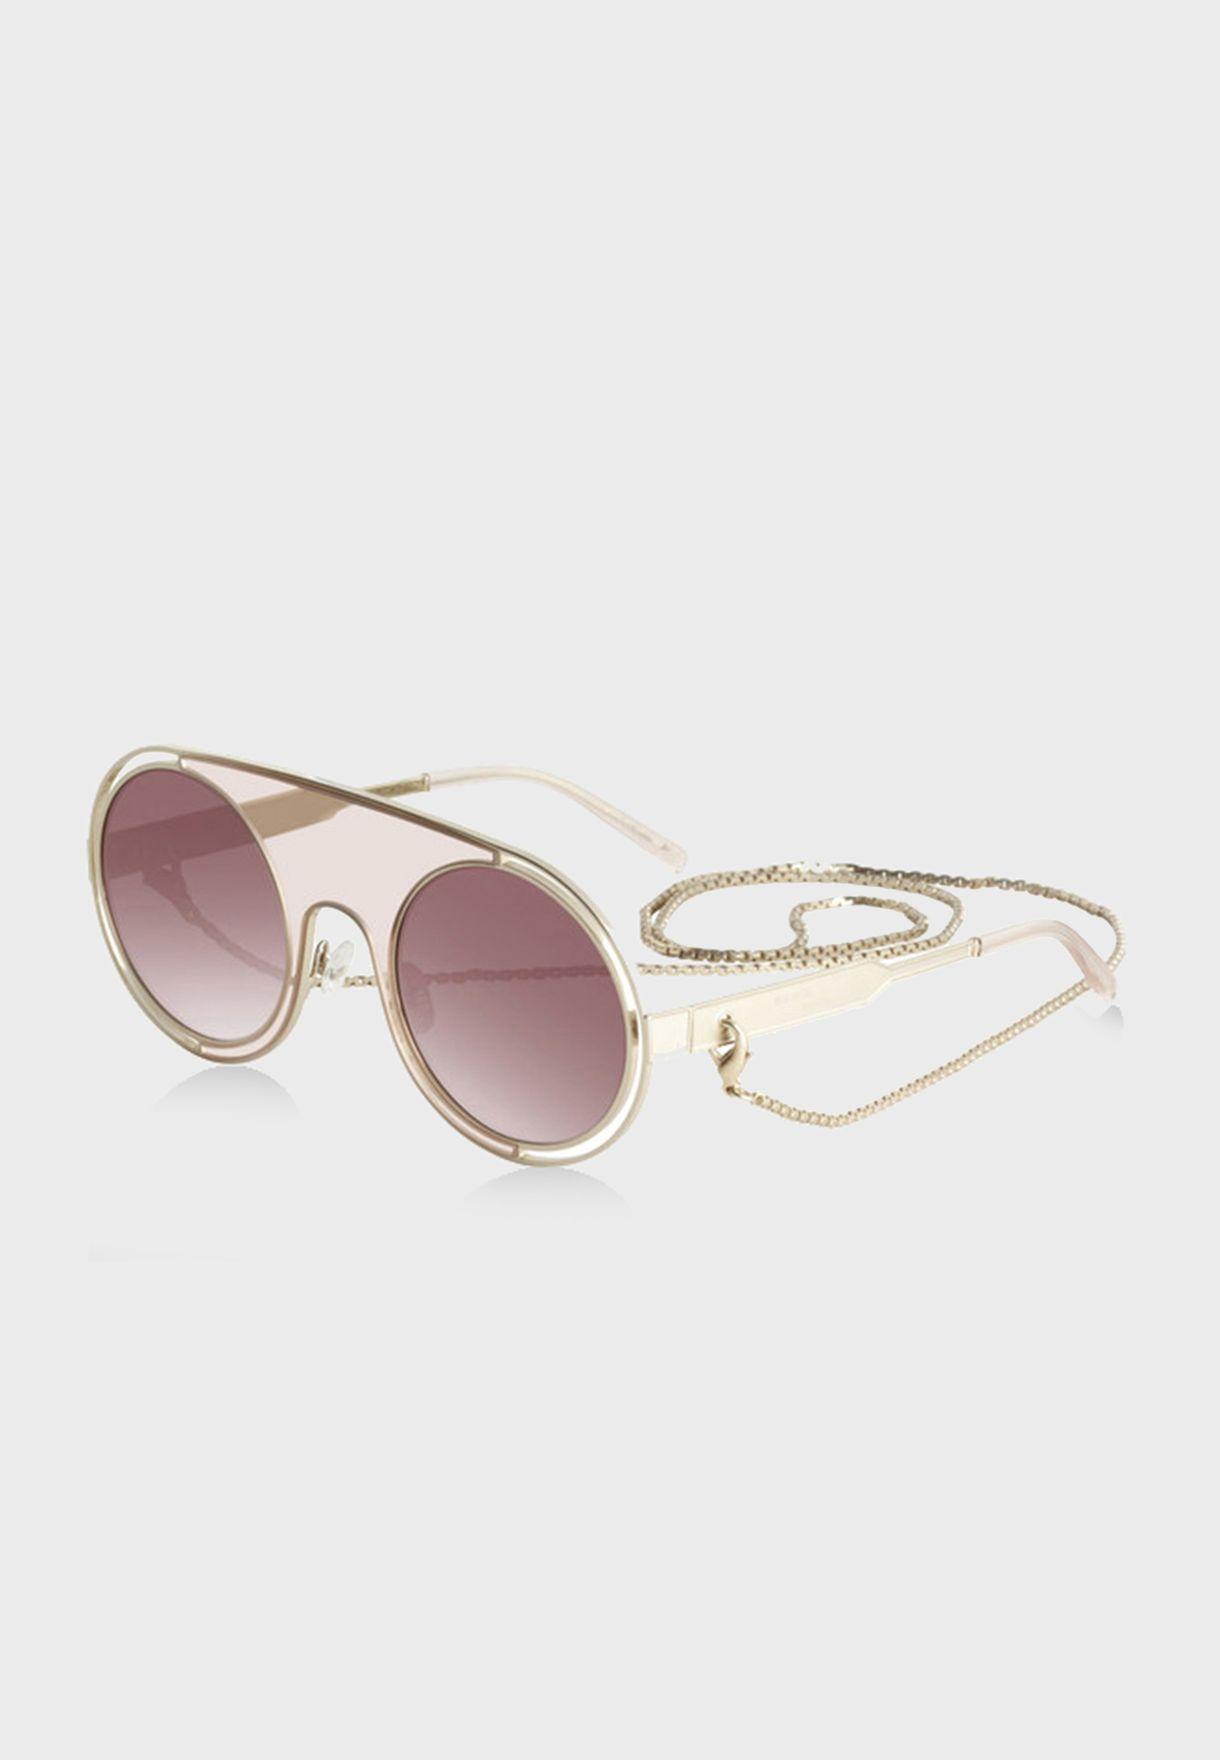 L SR778601 Round Sunglasses